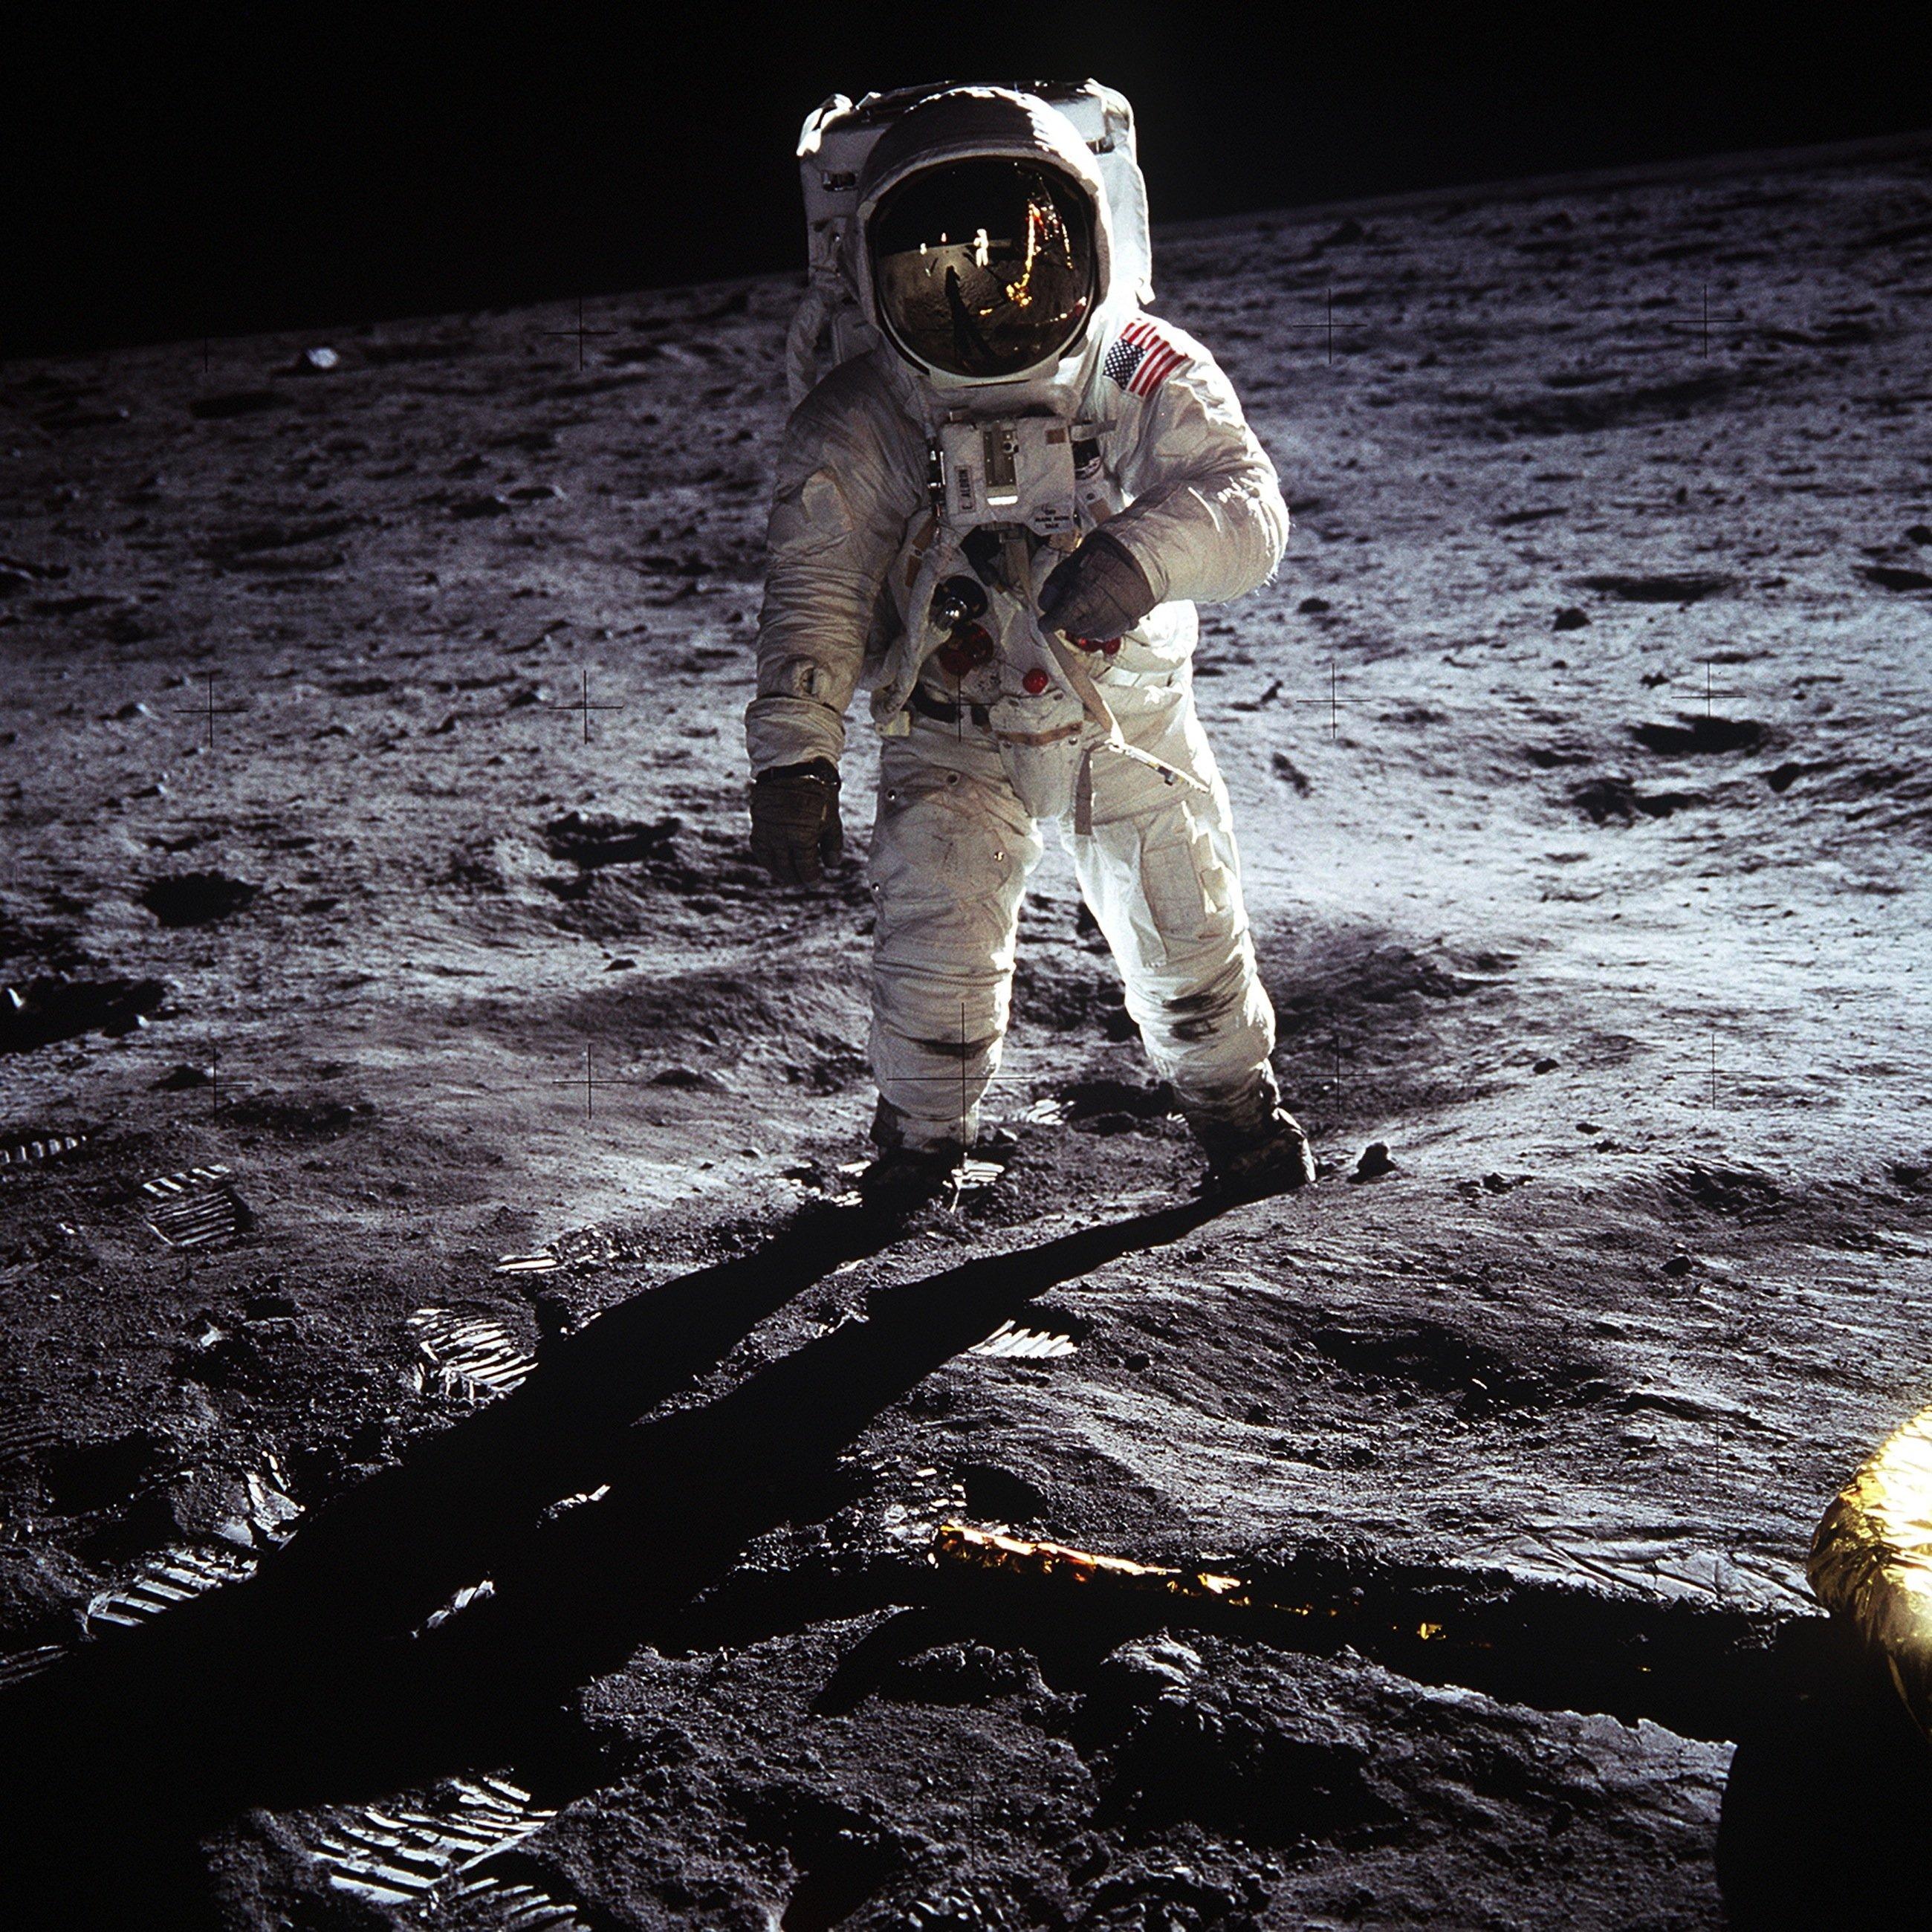 Nasa-Astronaut Edwin Buzz Aldrin im Jahr 1969 auf dem Mond, fotografiert von seinem Kollegen Neil Armstrong, der als erster den Trabanten betreten hatte.